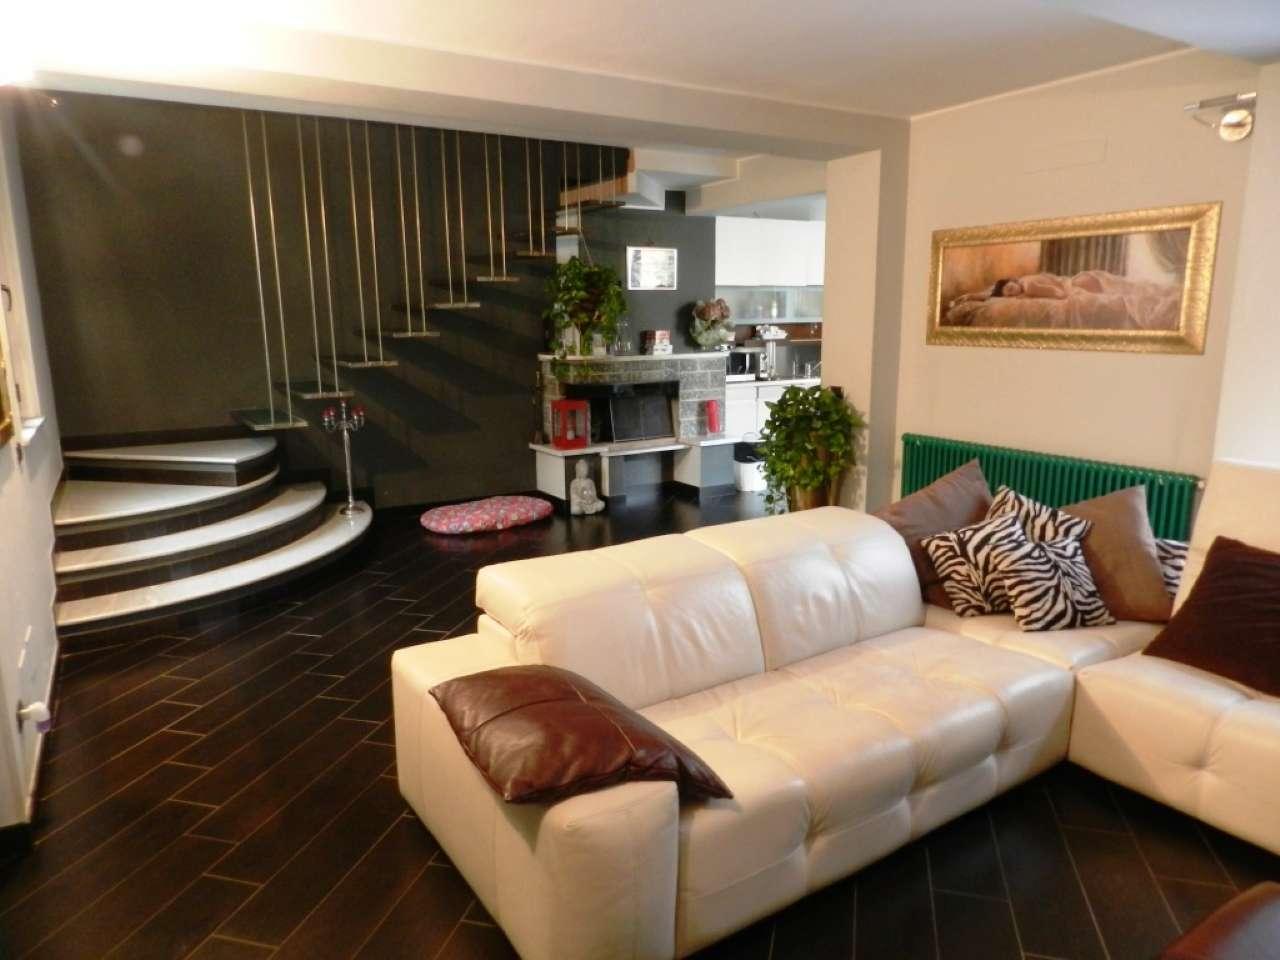 Soluzione Indipendente in vendita a Pavia, 4 locali, prezzo € 340.000 | PortaleAgenzieImmobiliari.it